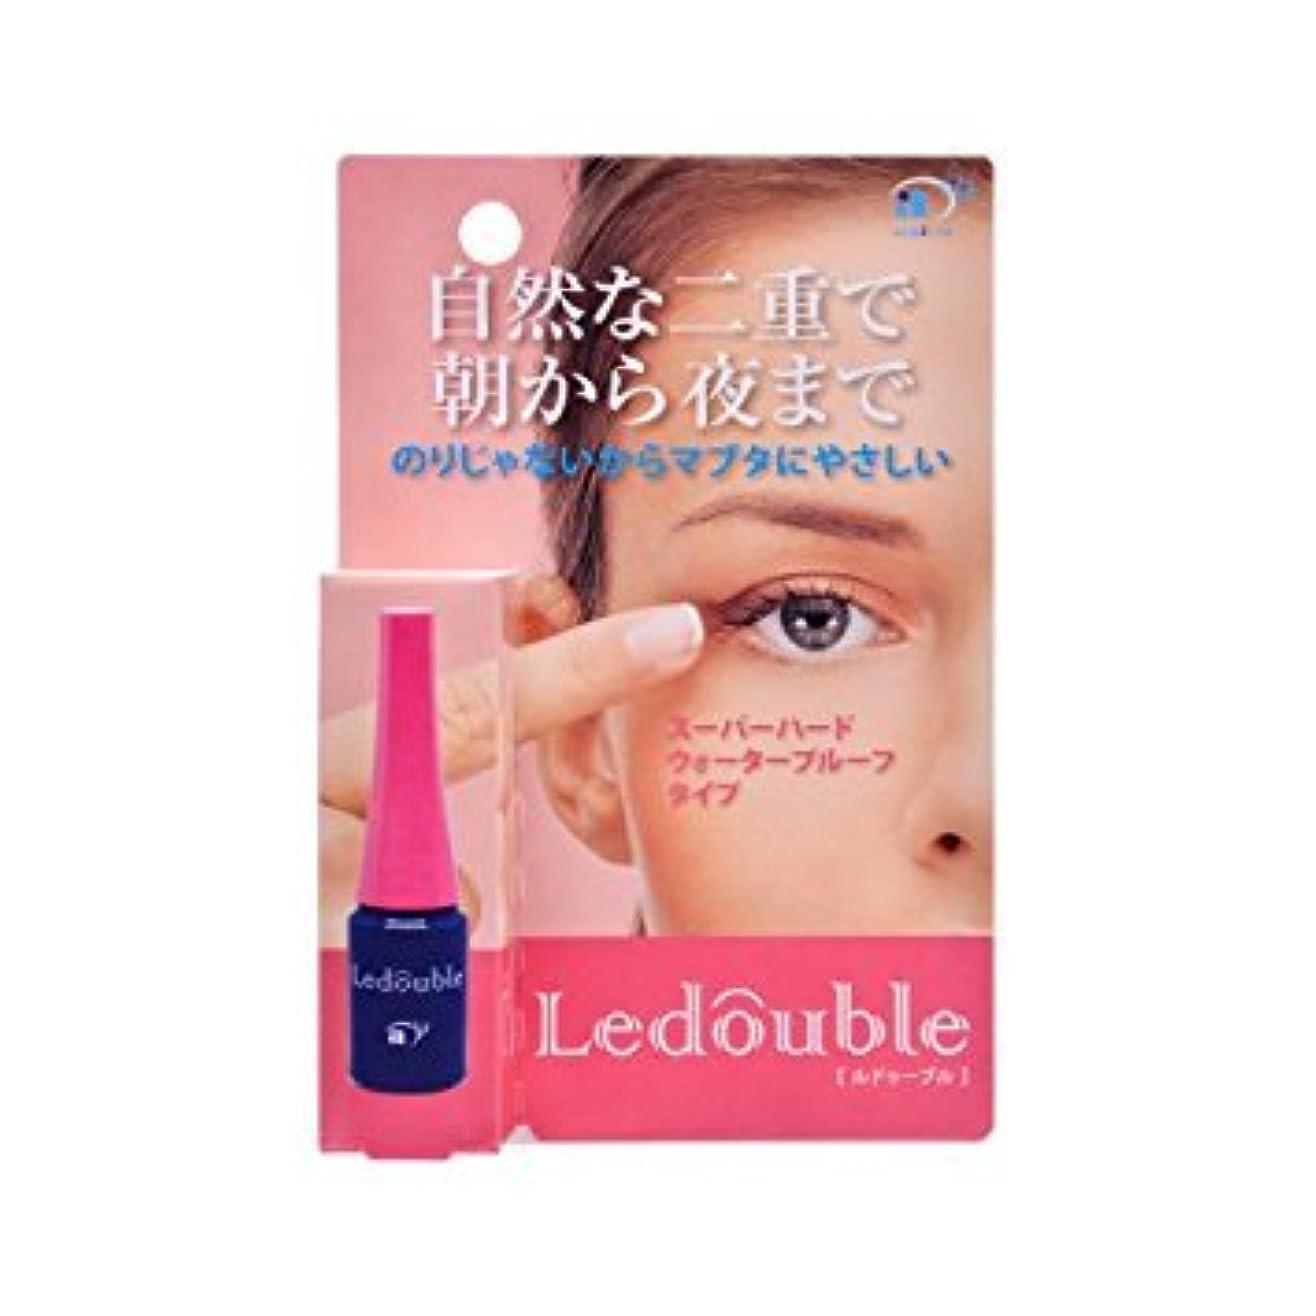 原理仮定する物理学者Ledouble [ルドゥーブル] 二重まぶた化粧品 (2mL) 2個セット [並行輸入品]